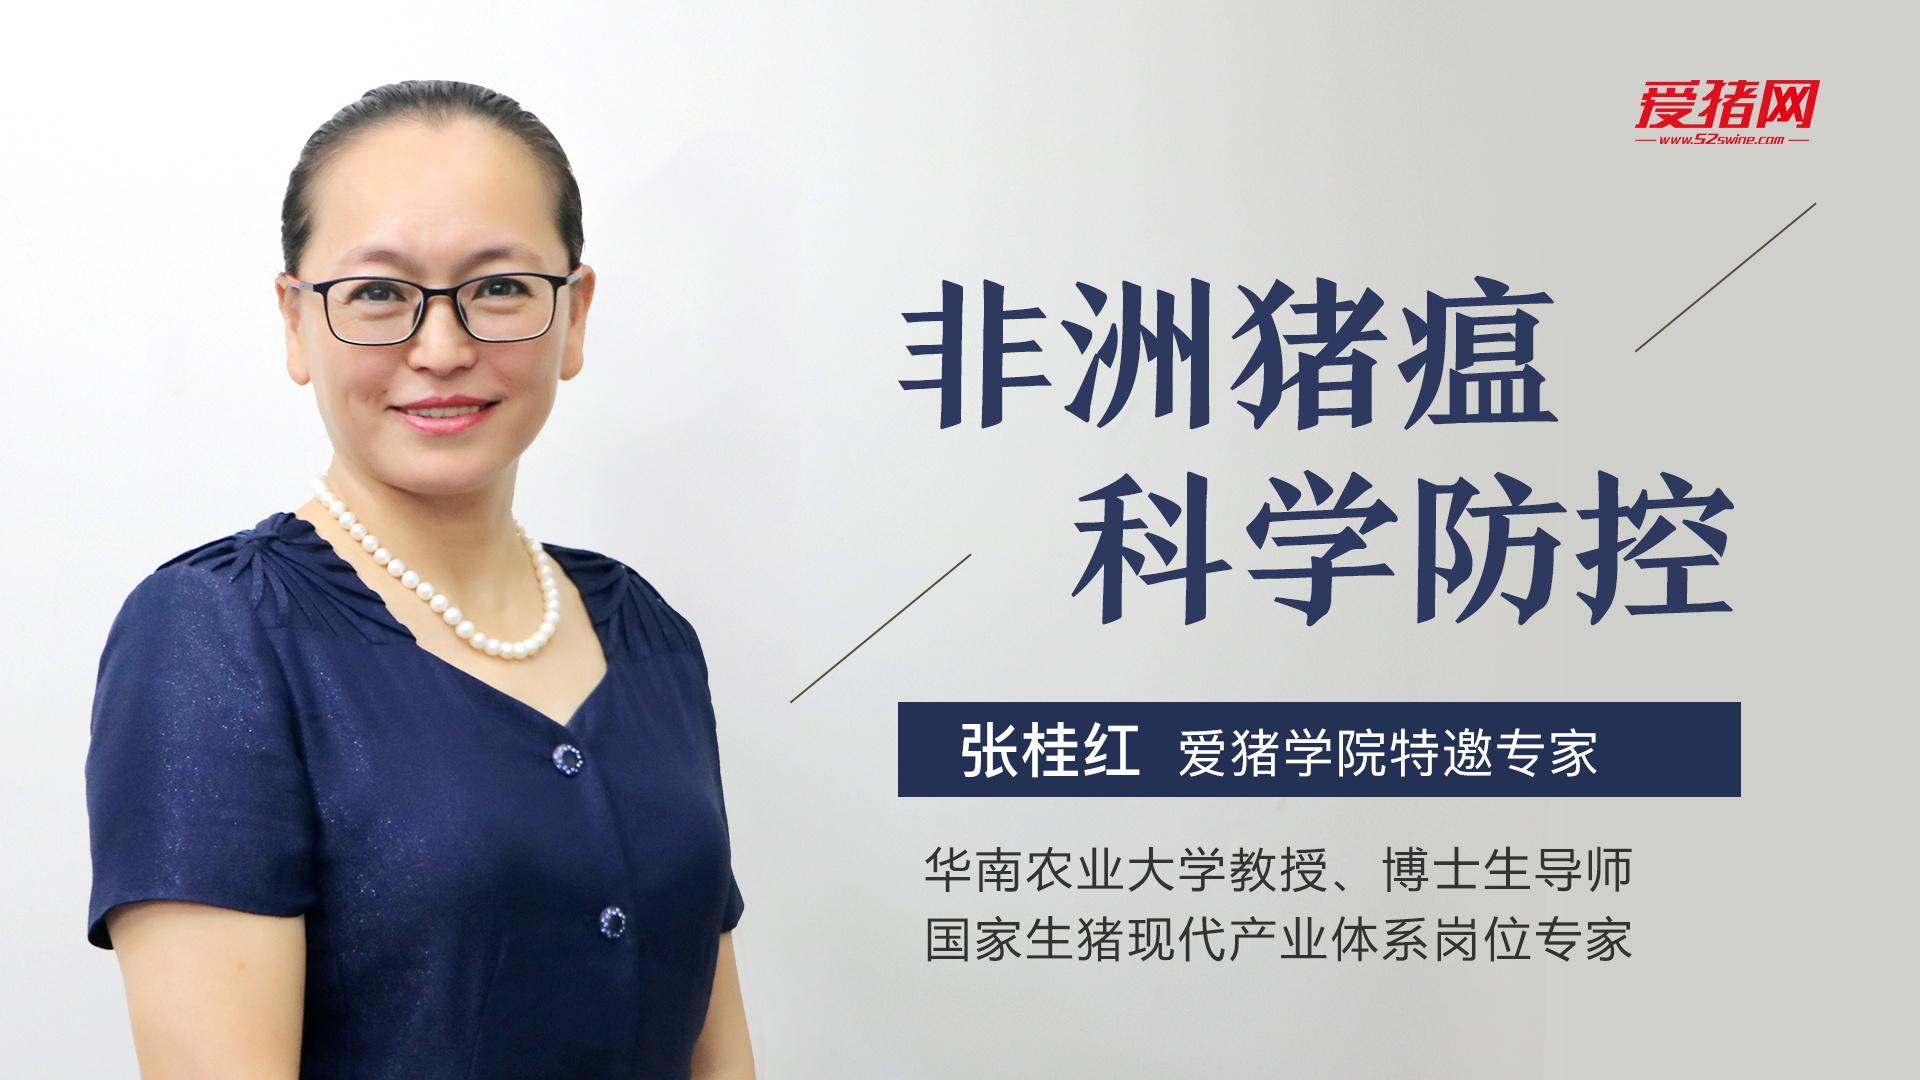 专家讲坛 | 张桂红:非洲猪瘟科学防控(课程版)